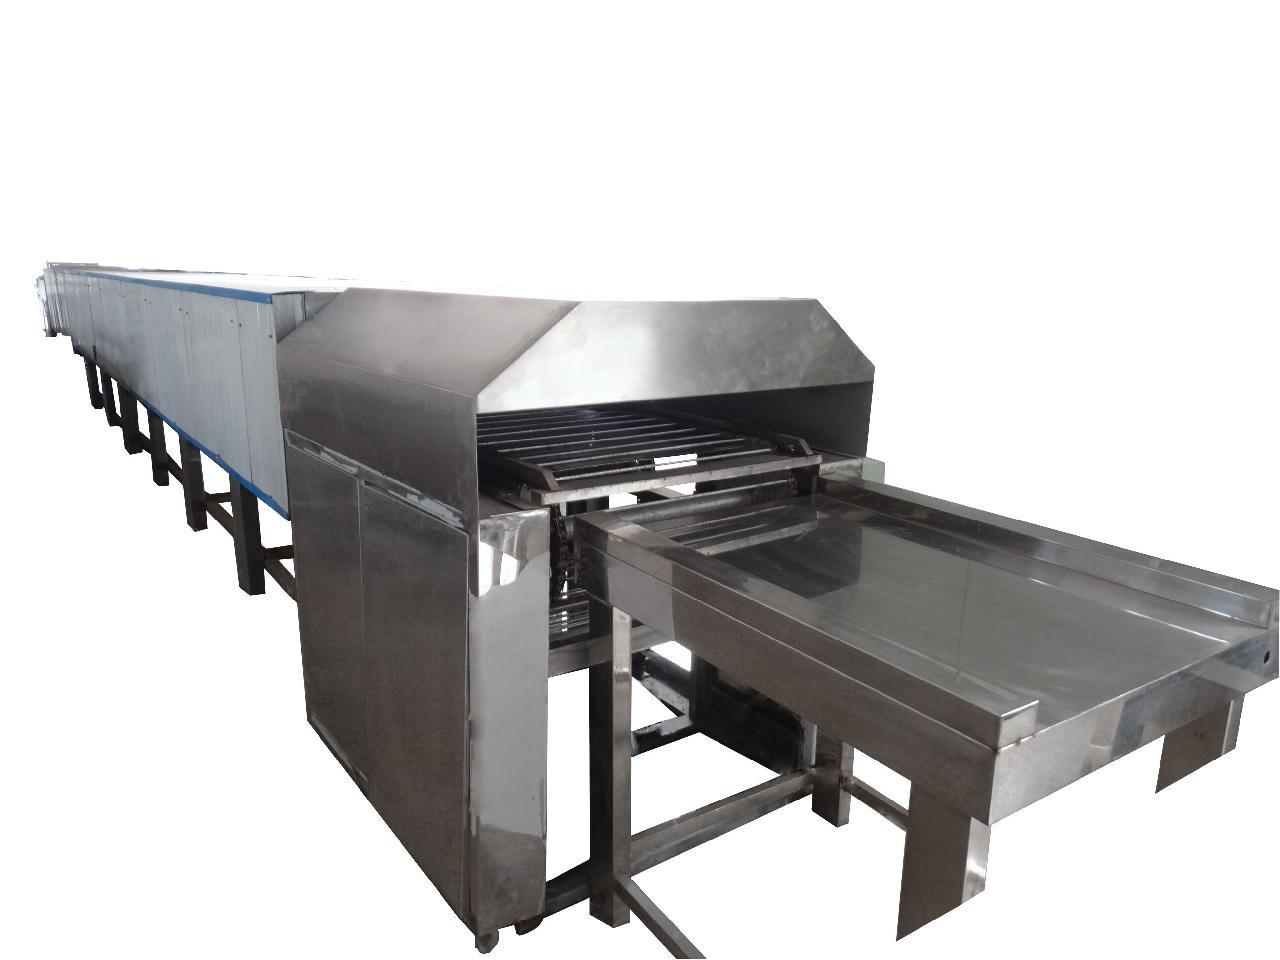 隧道式烤炉供应 隧道式烤炉生产厂家 隧道炉价格